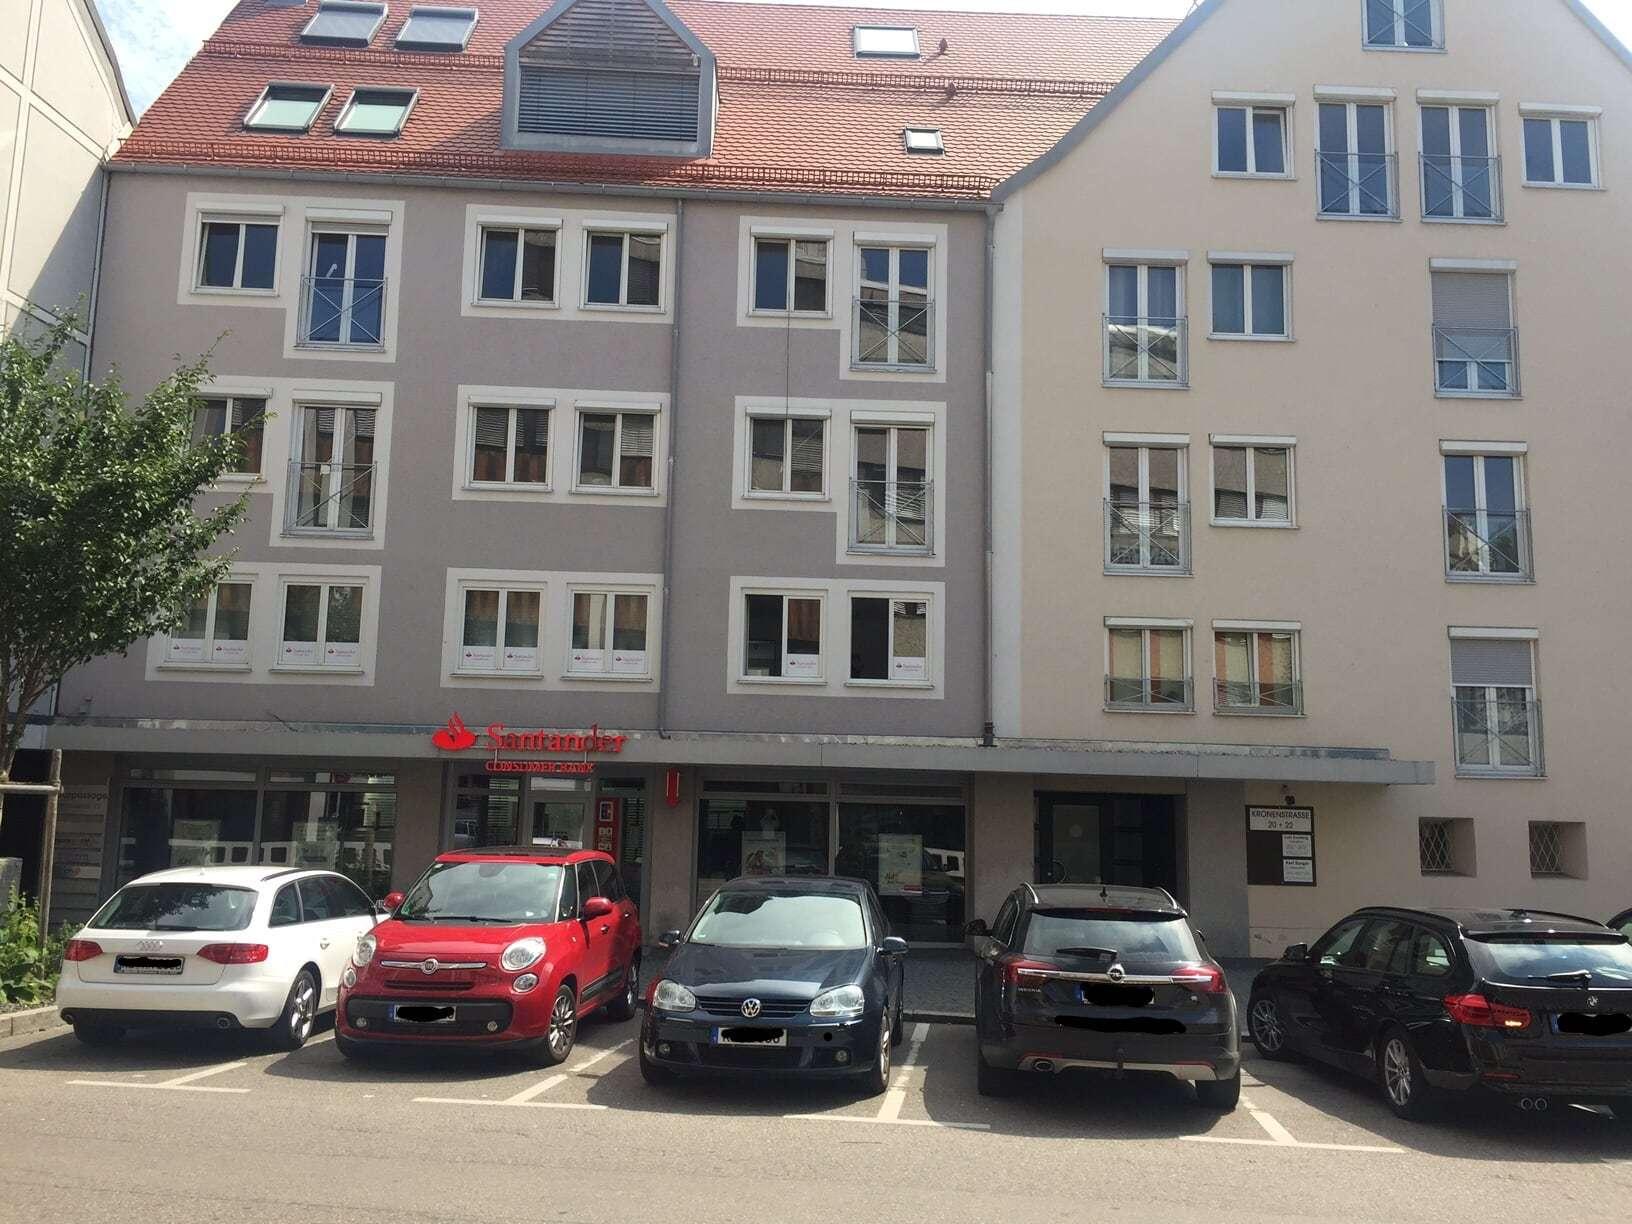 Helle 4-Zimmer-Wohnung mit Lift neben dem Rathausplatz in Kempten (Allgäu) in